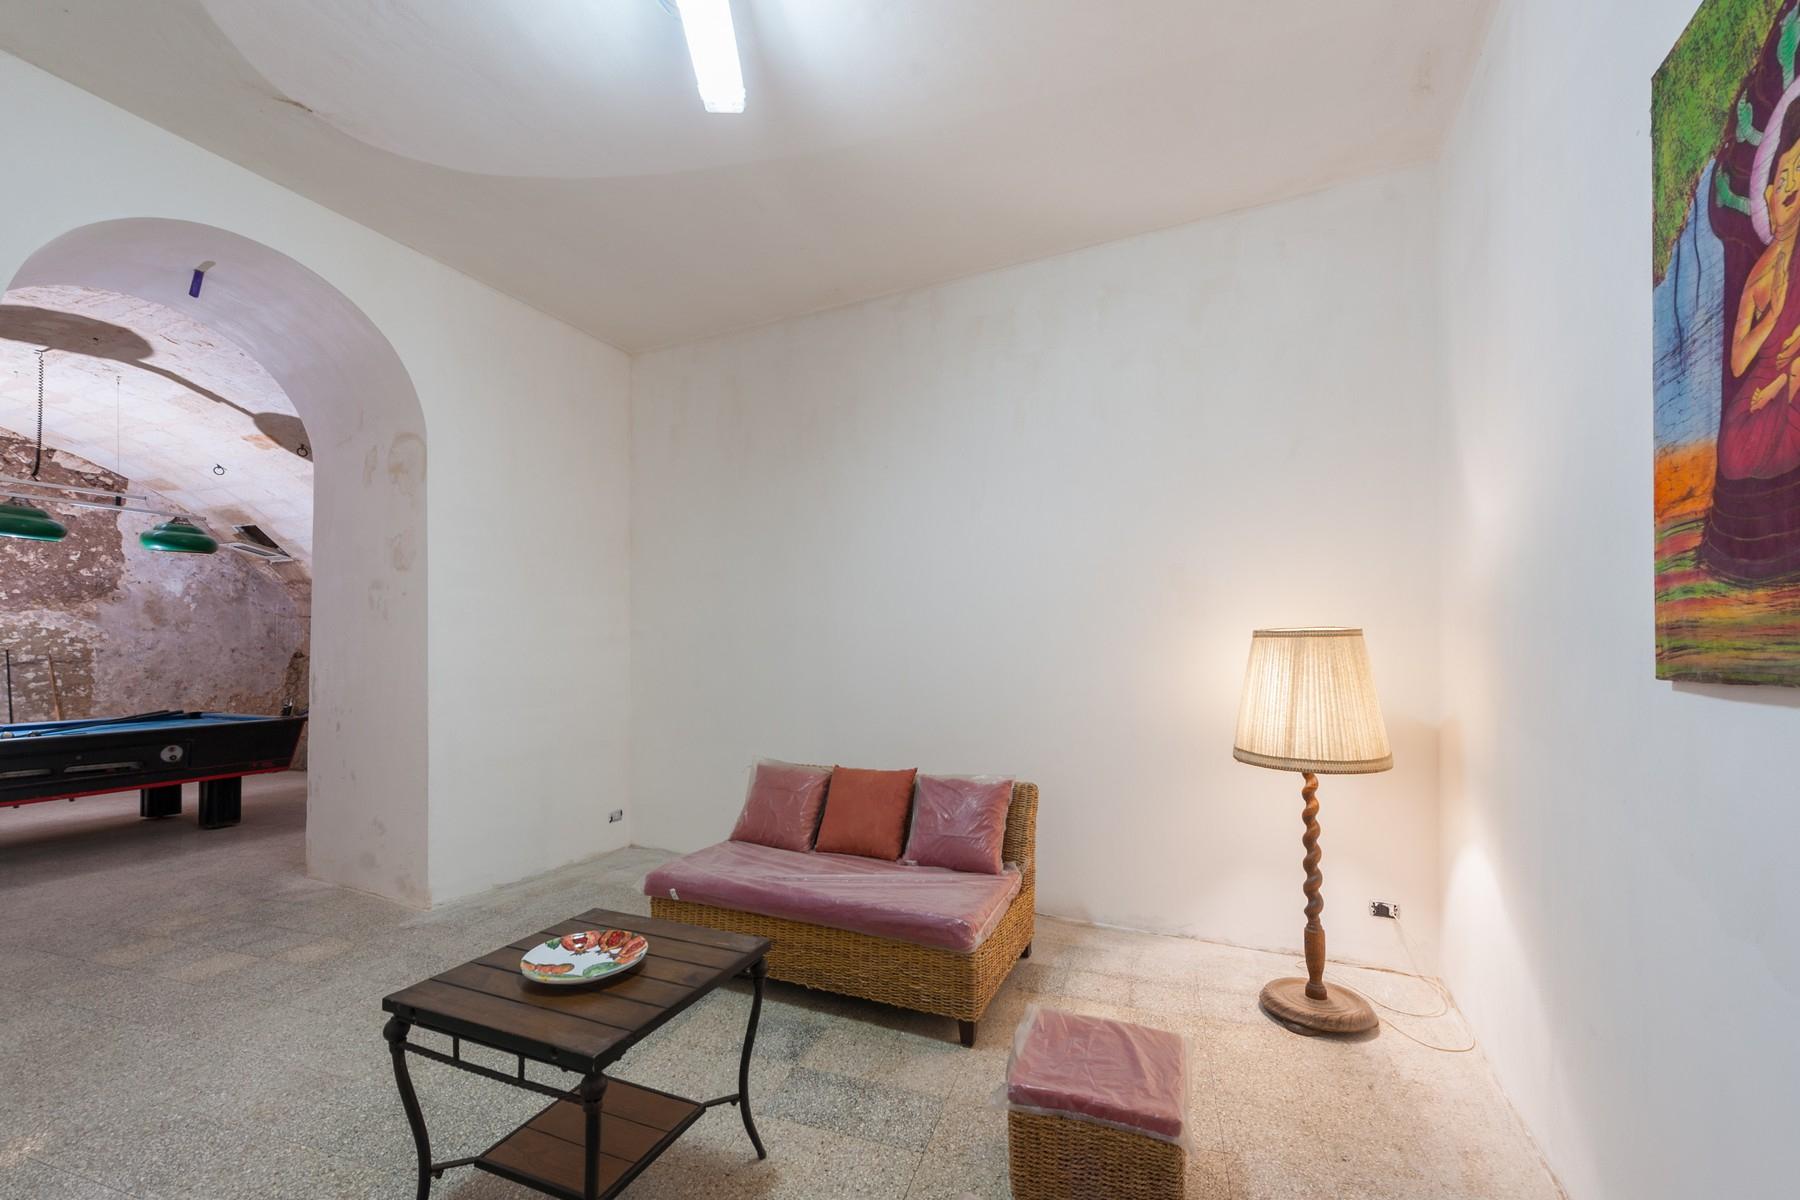 Palazzo in Vendita a Martano: 5 locali, 800 mq - Foto 14